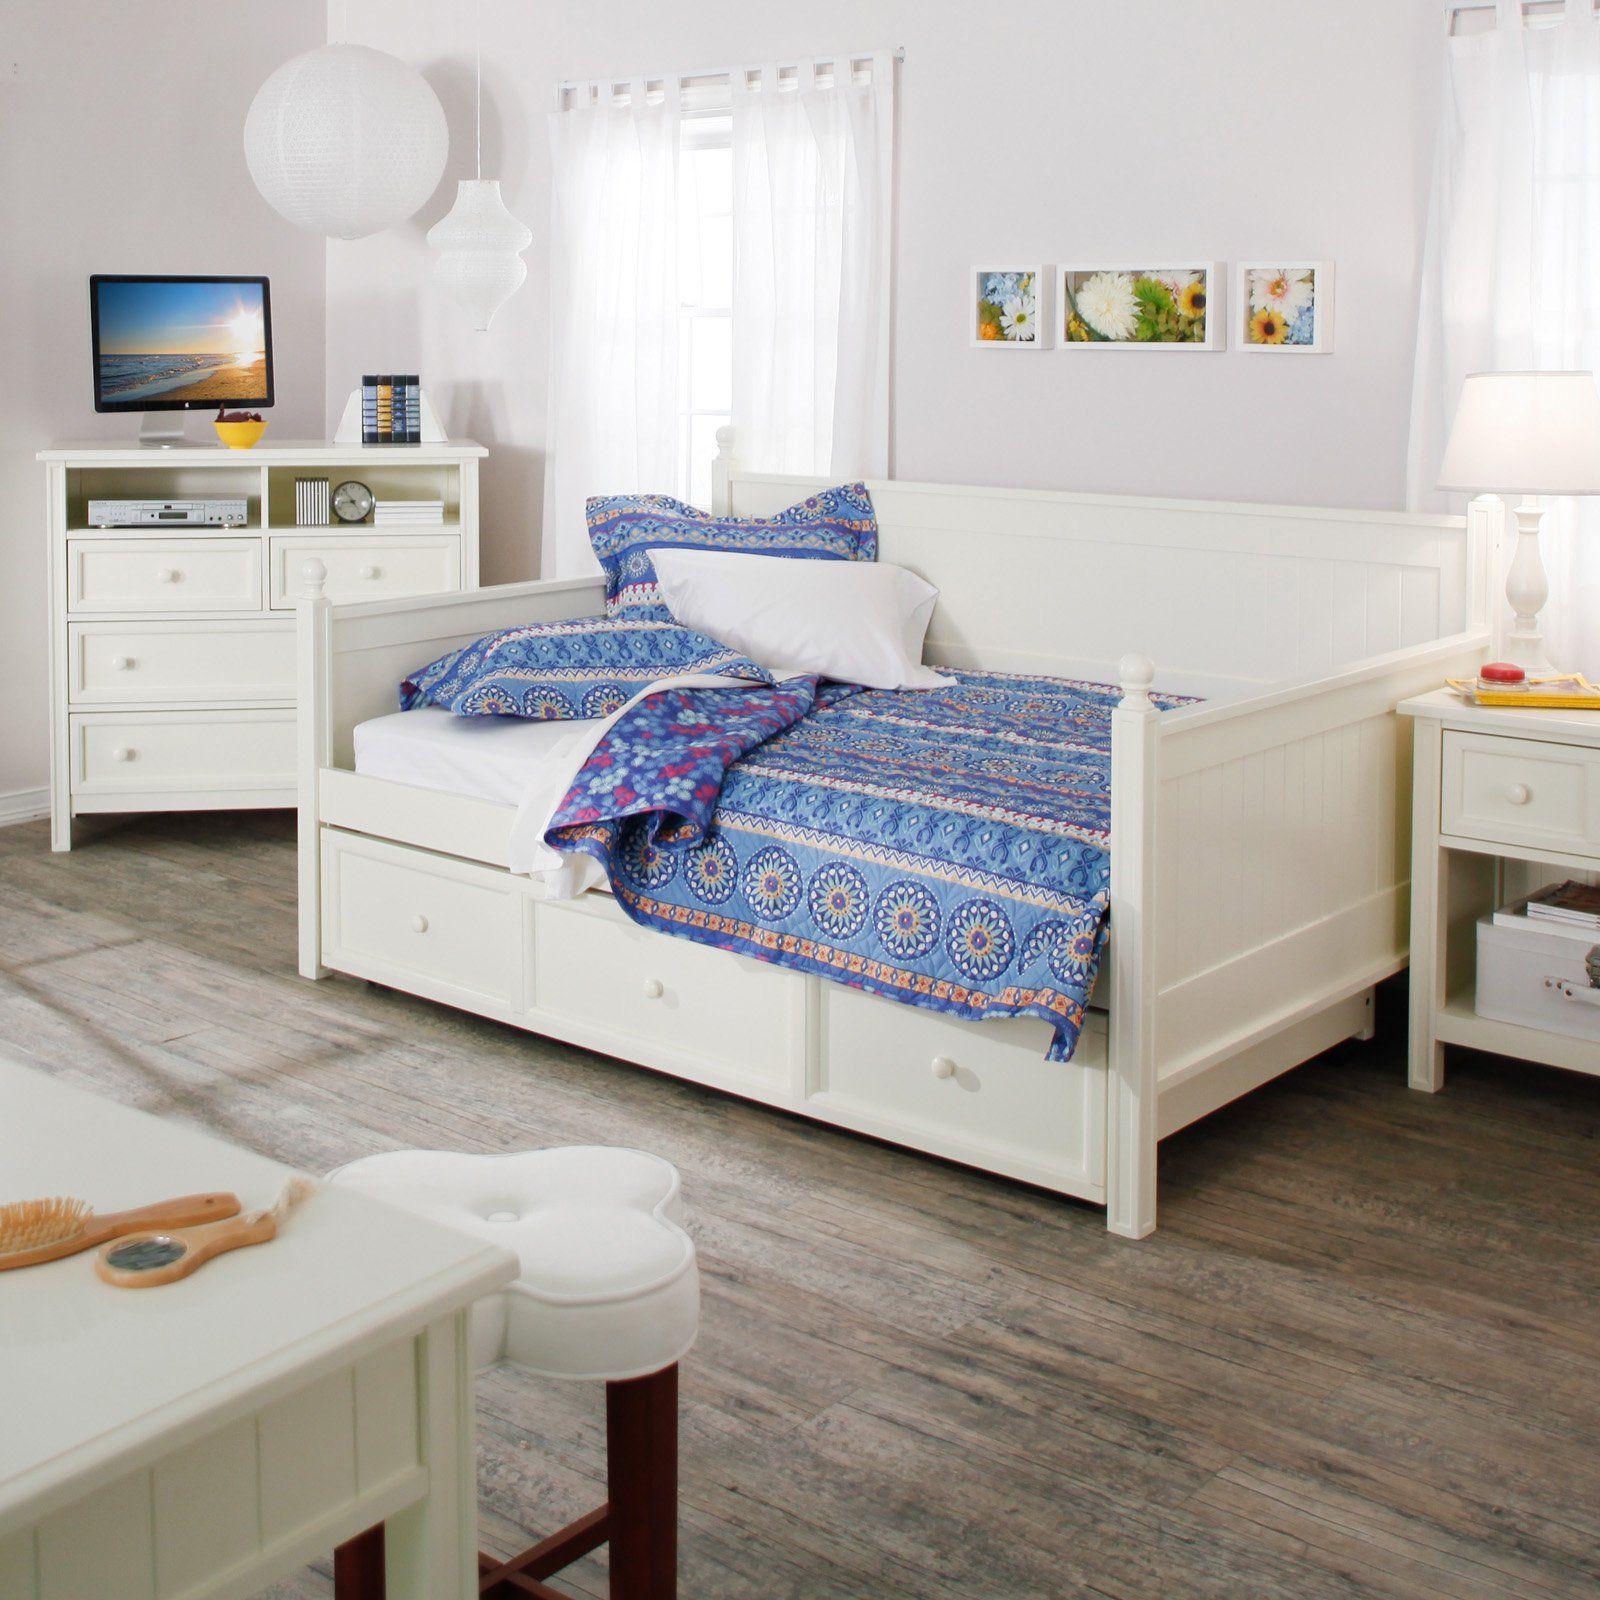 Выдвижная кровать и другая мебель в детской выполнены в едином стиле